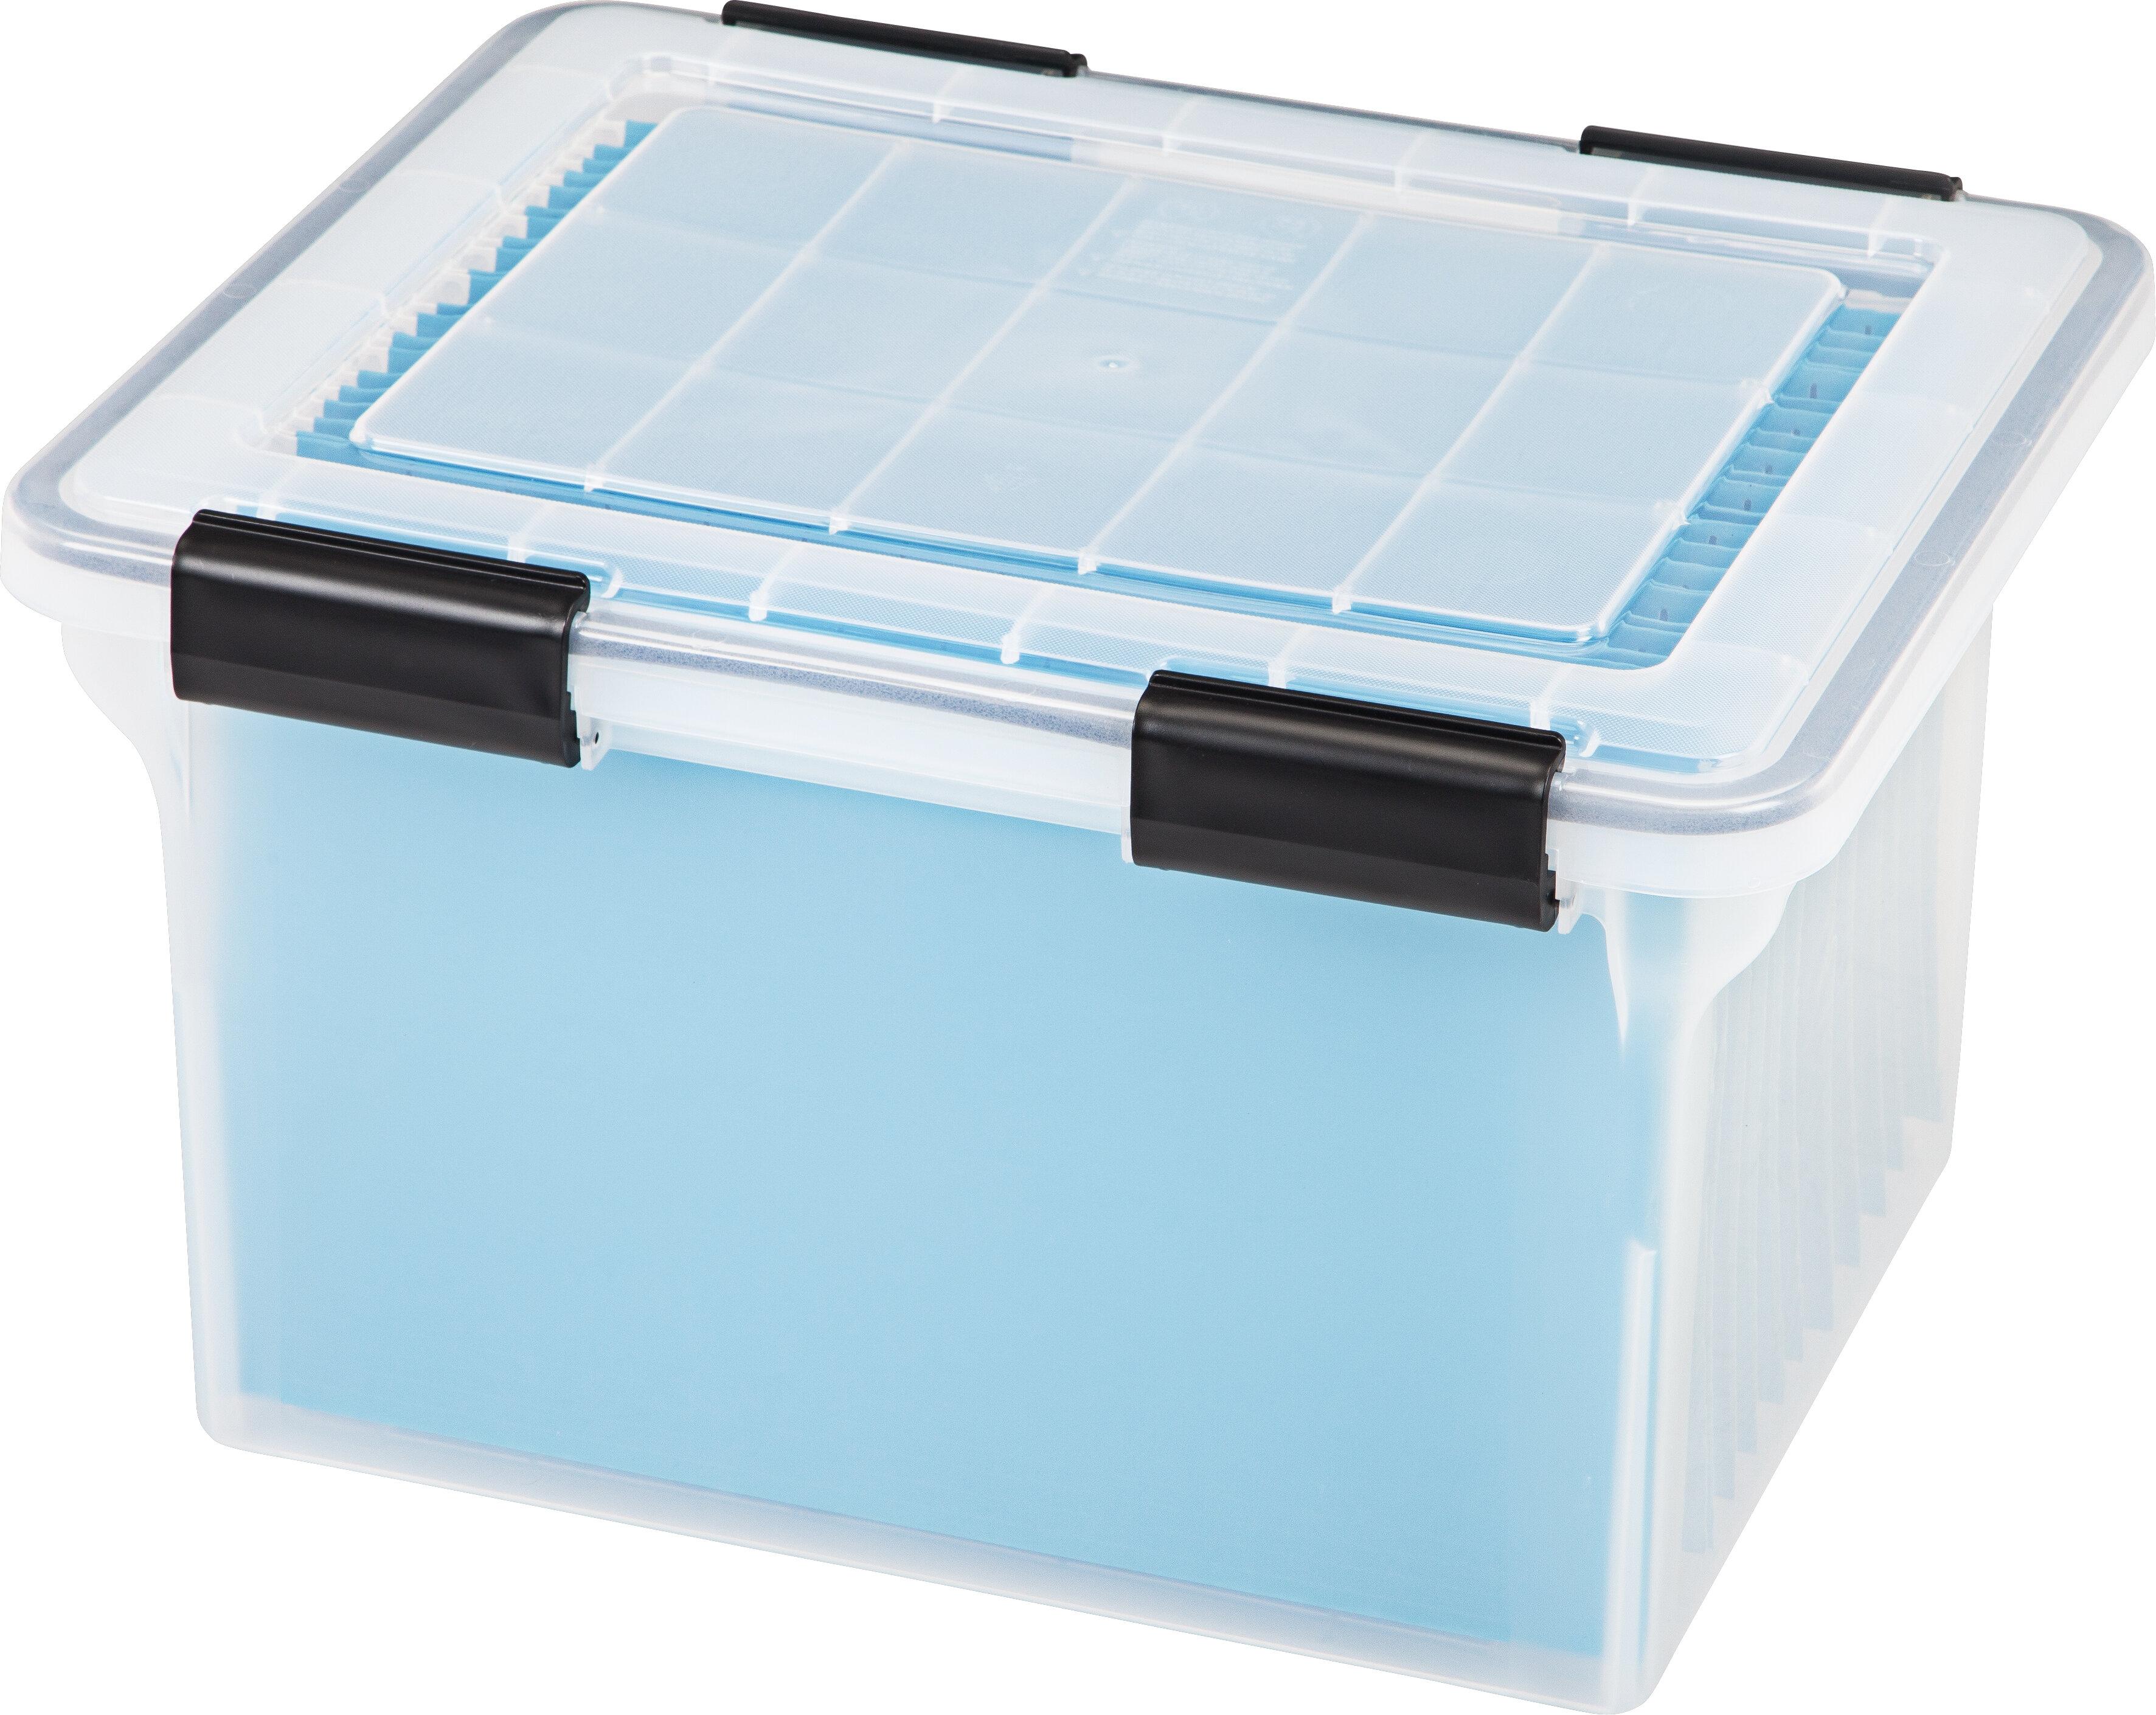 Letter Legal Weathertight Plastic File Box